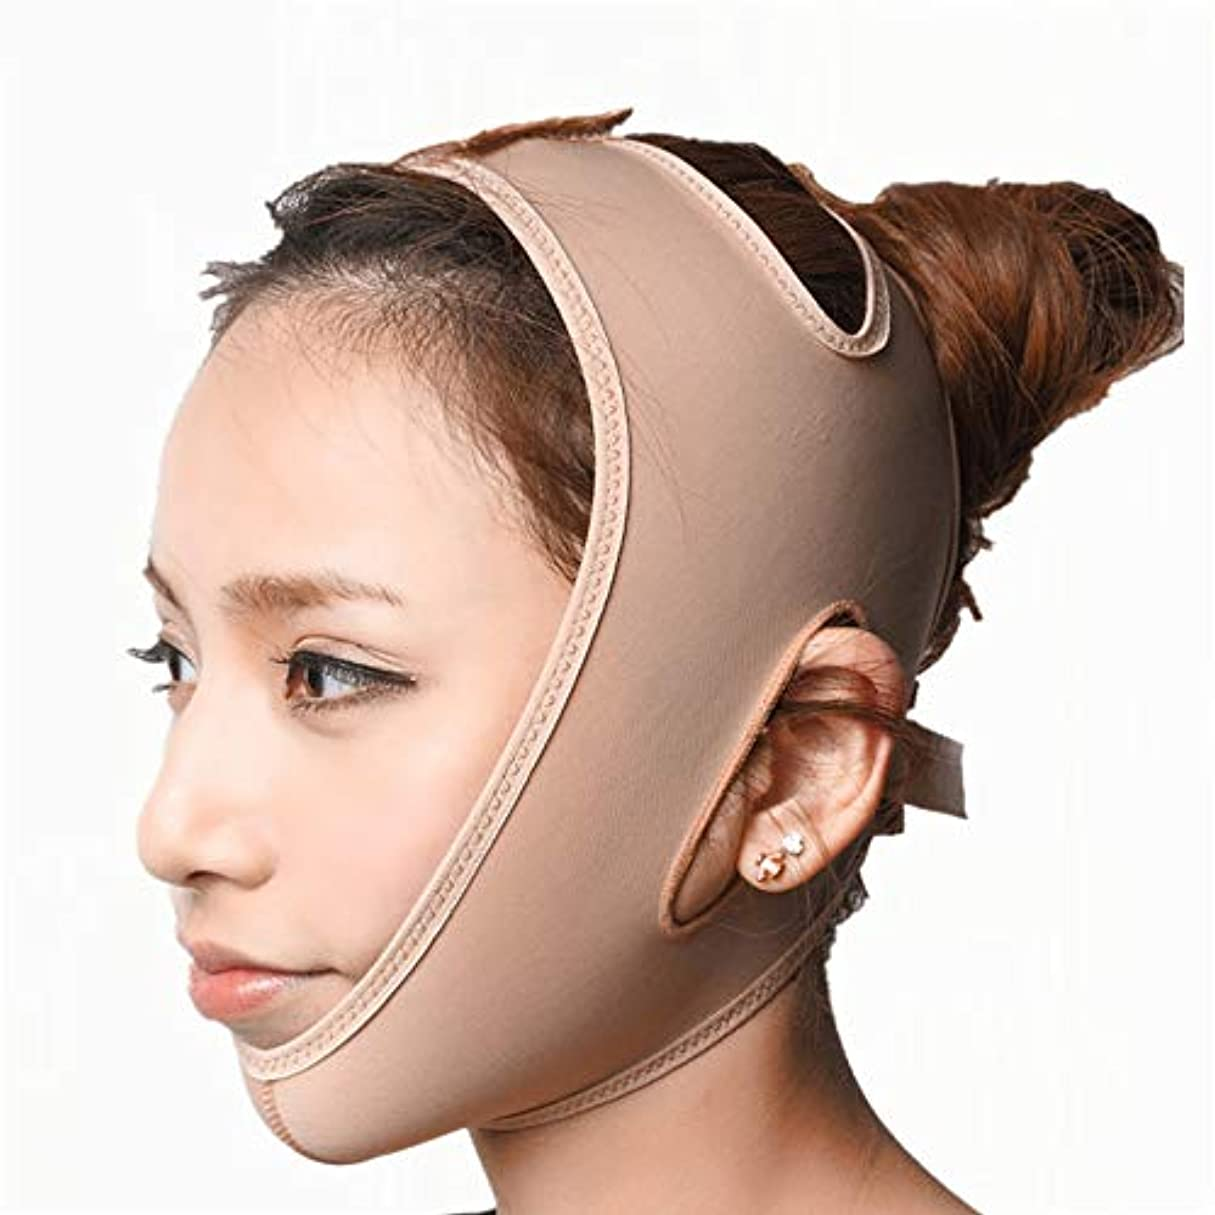 こどもの日使役受けるフェイスリフトベルト 薄い顔のベルト - 薄い顔のアーチファクトVの顔の包帯マスクの顔のマッサージャー薄いダブルの顎のデバイス